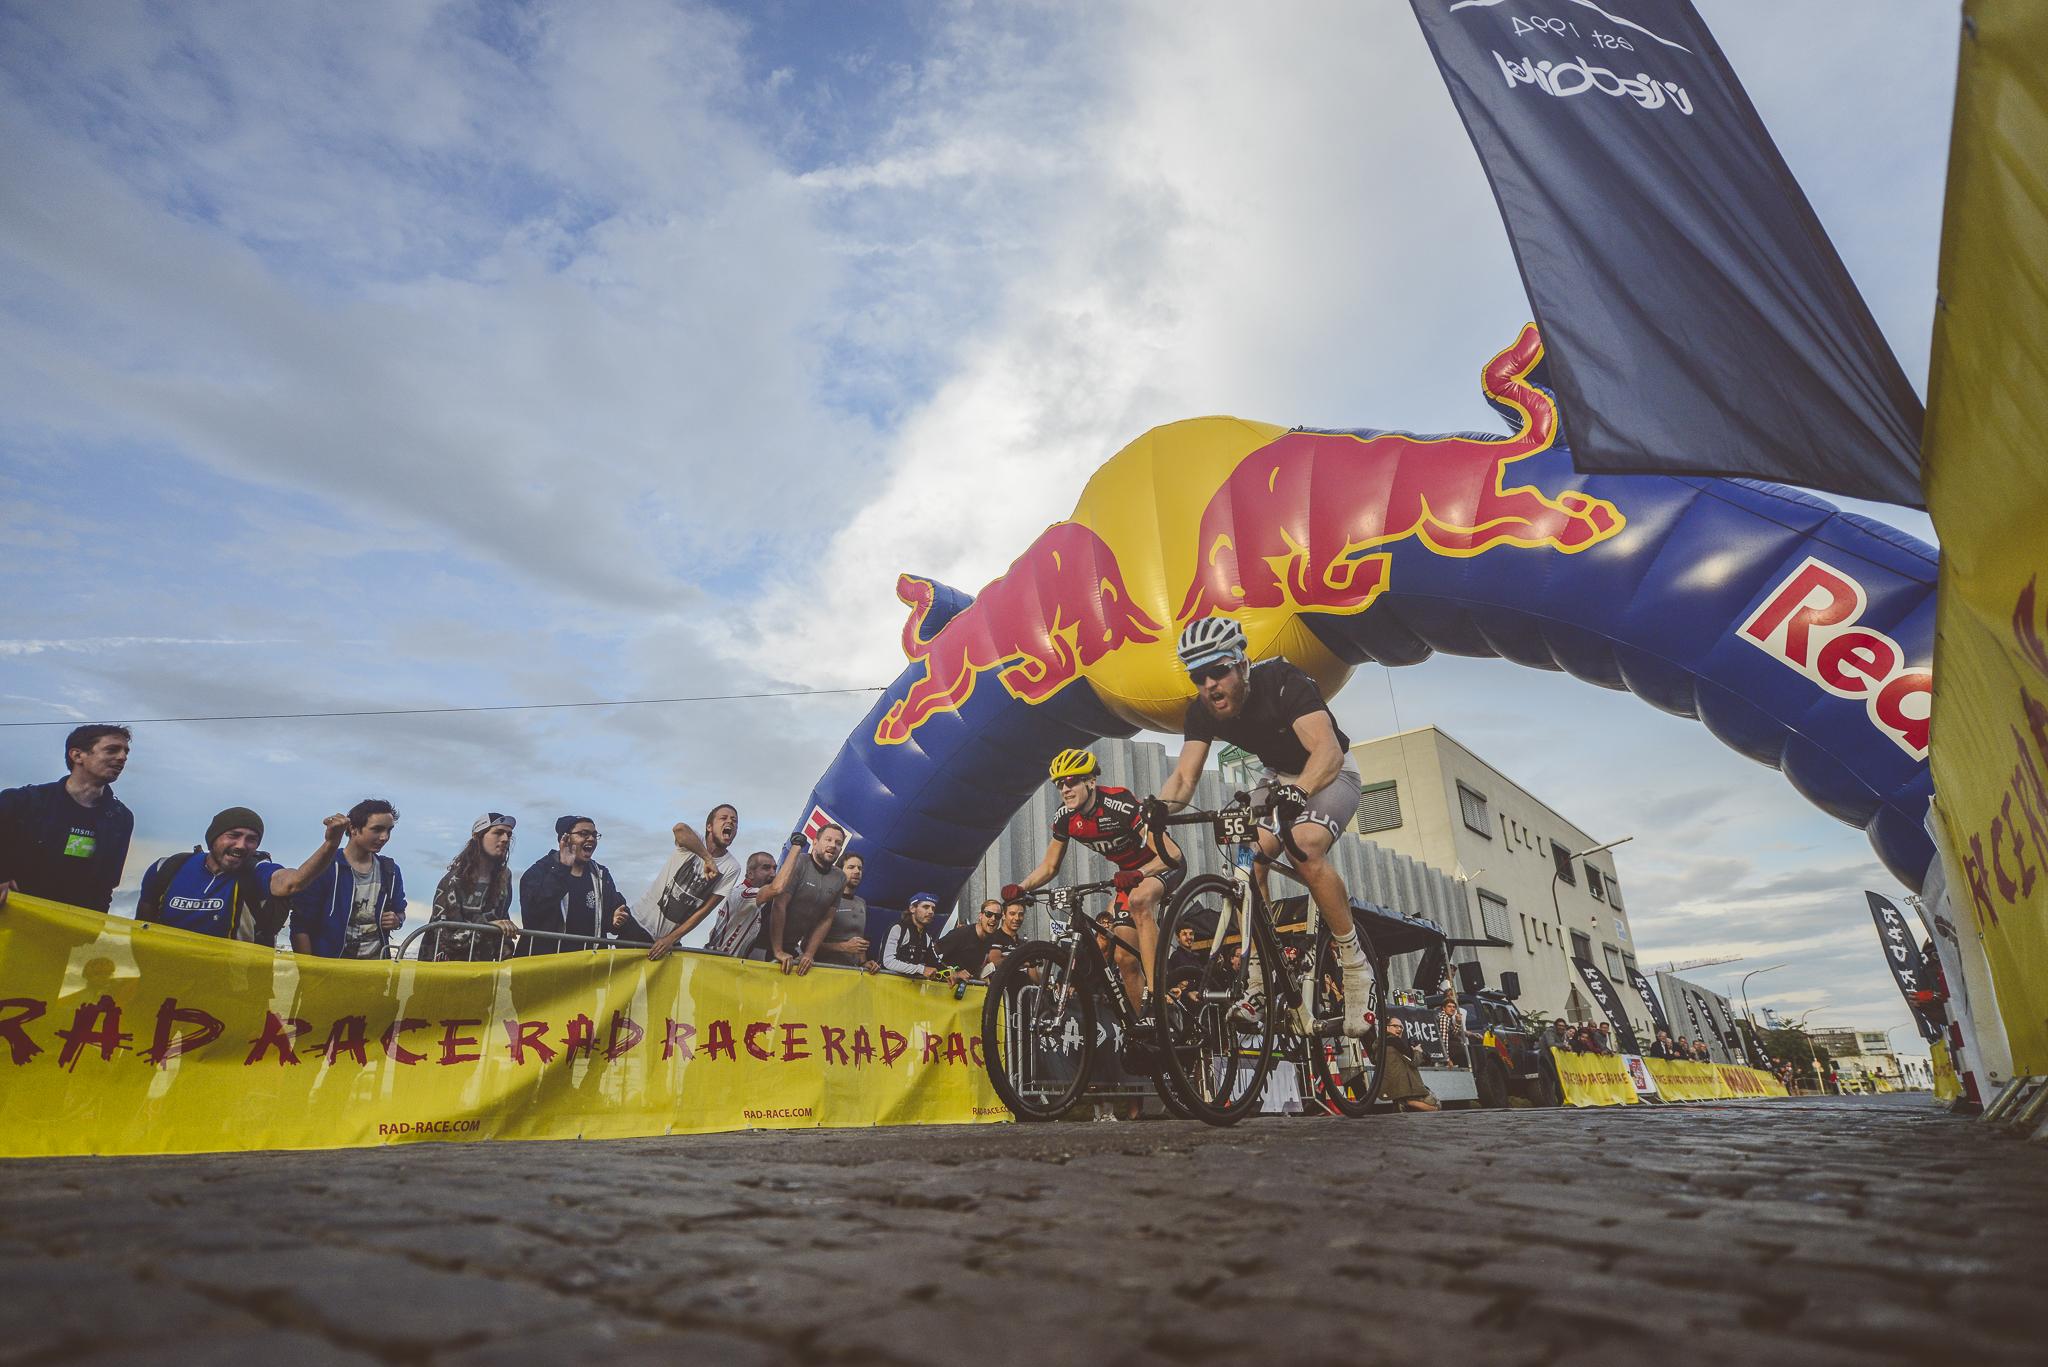 RAD RACE BATTLE OFFENBACH_Pic by www.lifedraft.de_6.jpg